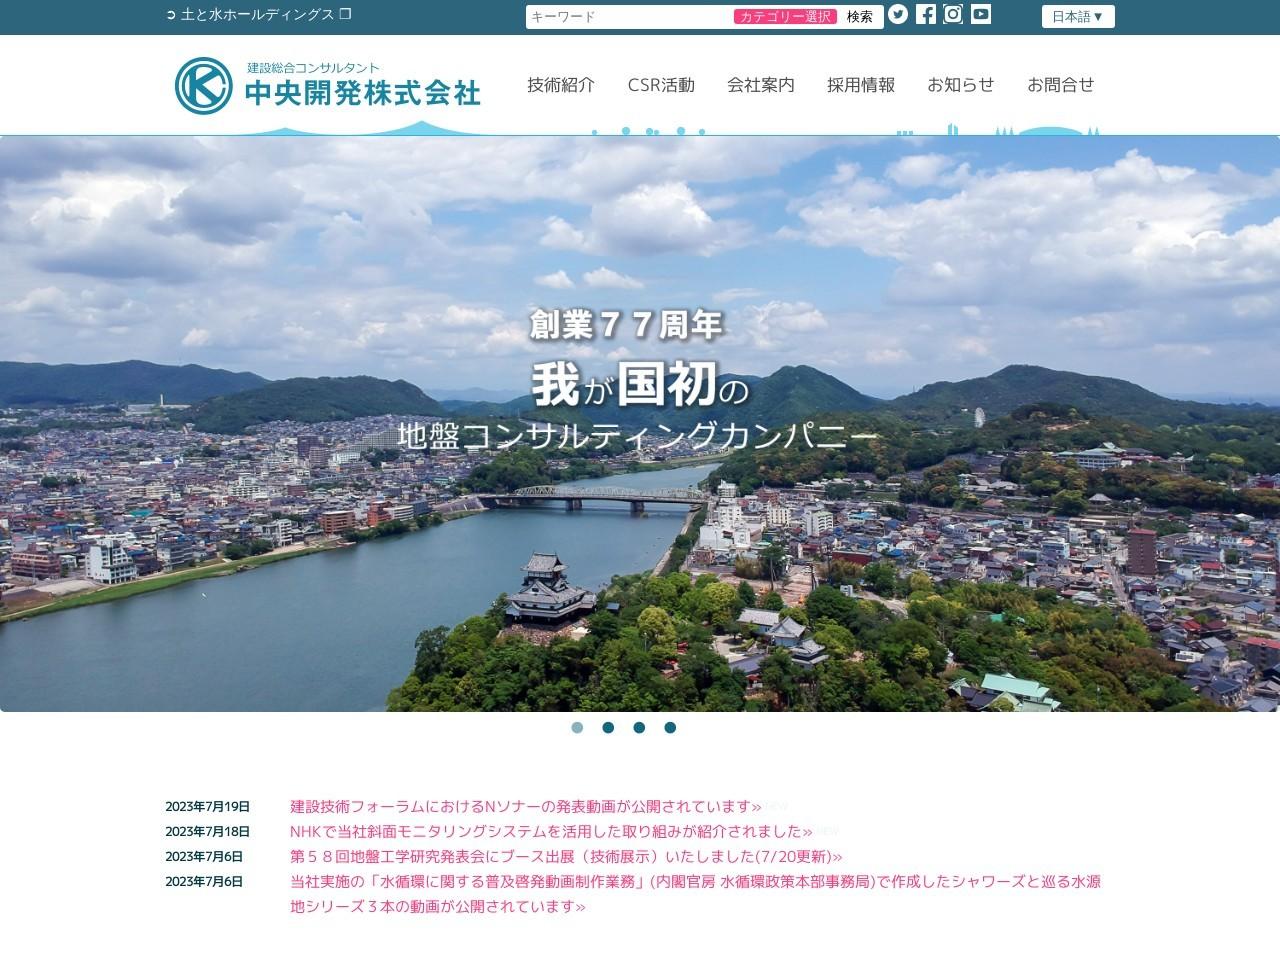 中央開発株式会社富山営業所